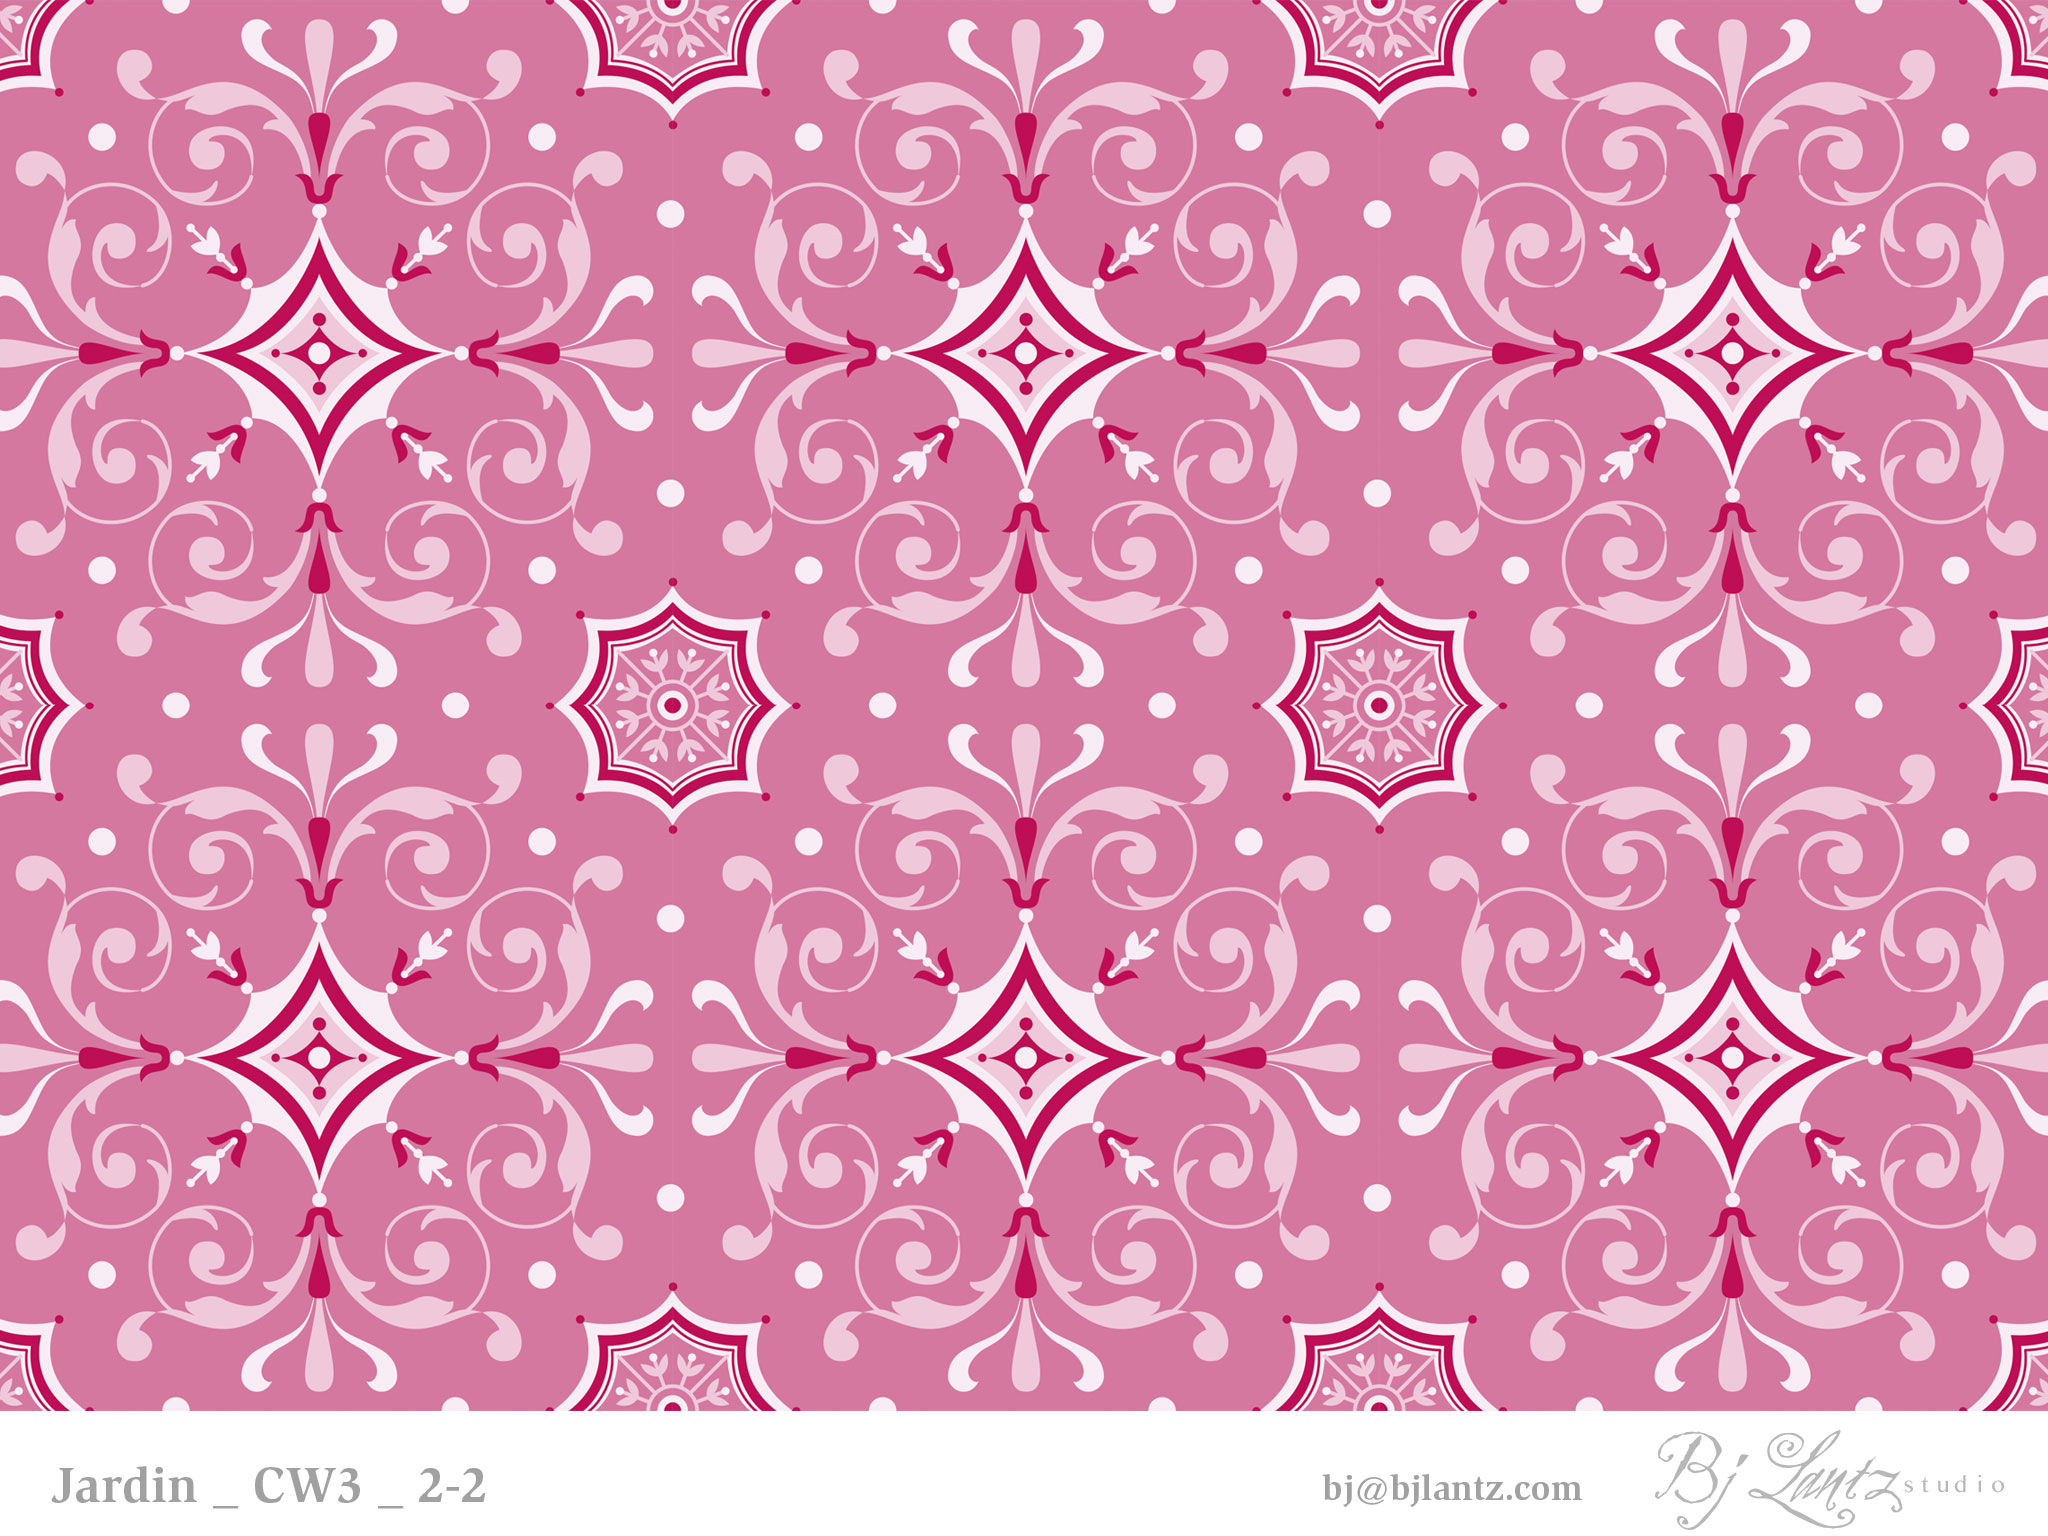 Jardin_CW3-BJ-Lantz_2-2.jpg